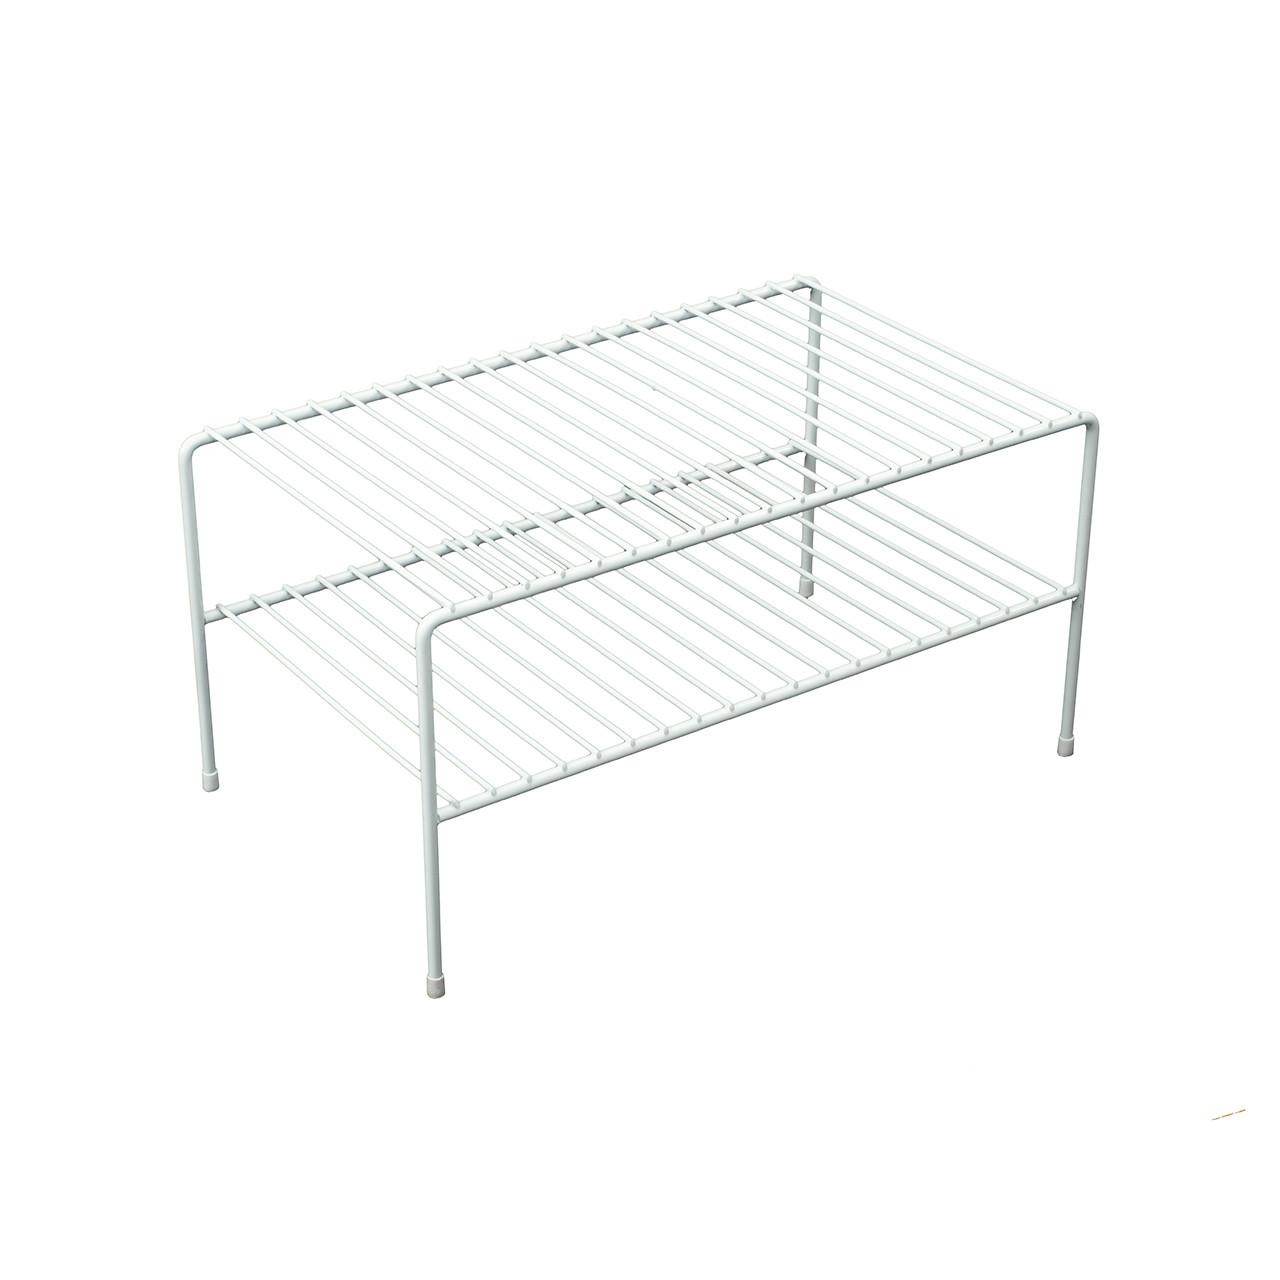 Kitchen Cabinet Double Shelf  - Large